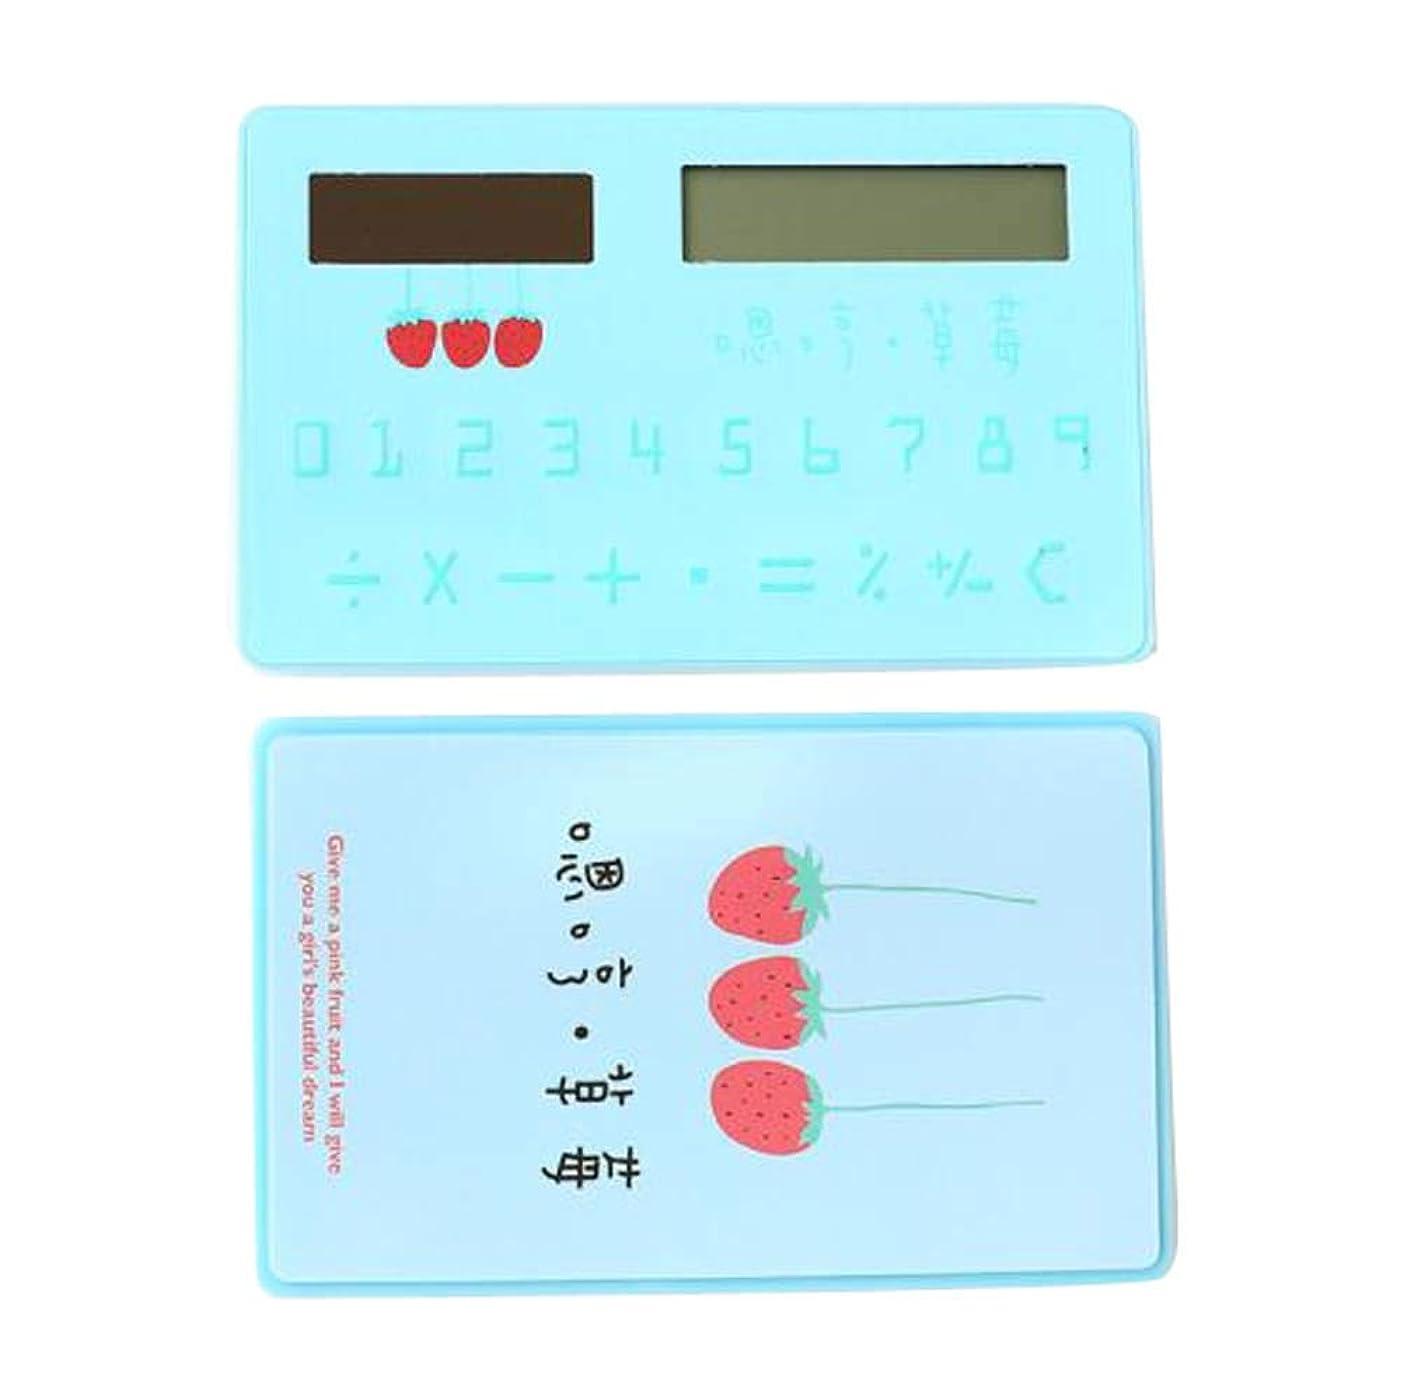 エッセイ最小ベジタリアン学生のかわいい電卓、超コンパクトなポータブルサイズ、ミニソーラー電卓、A03